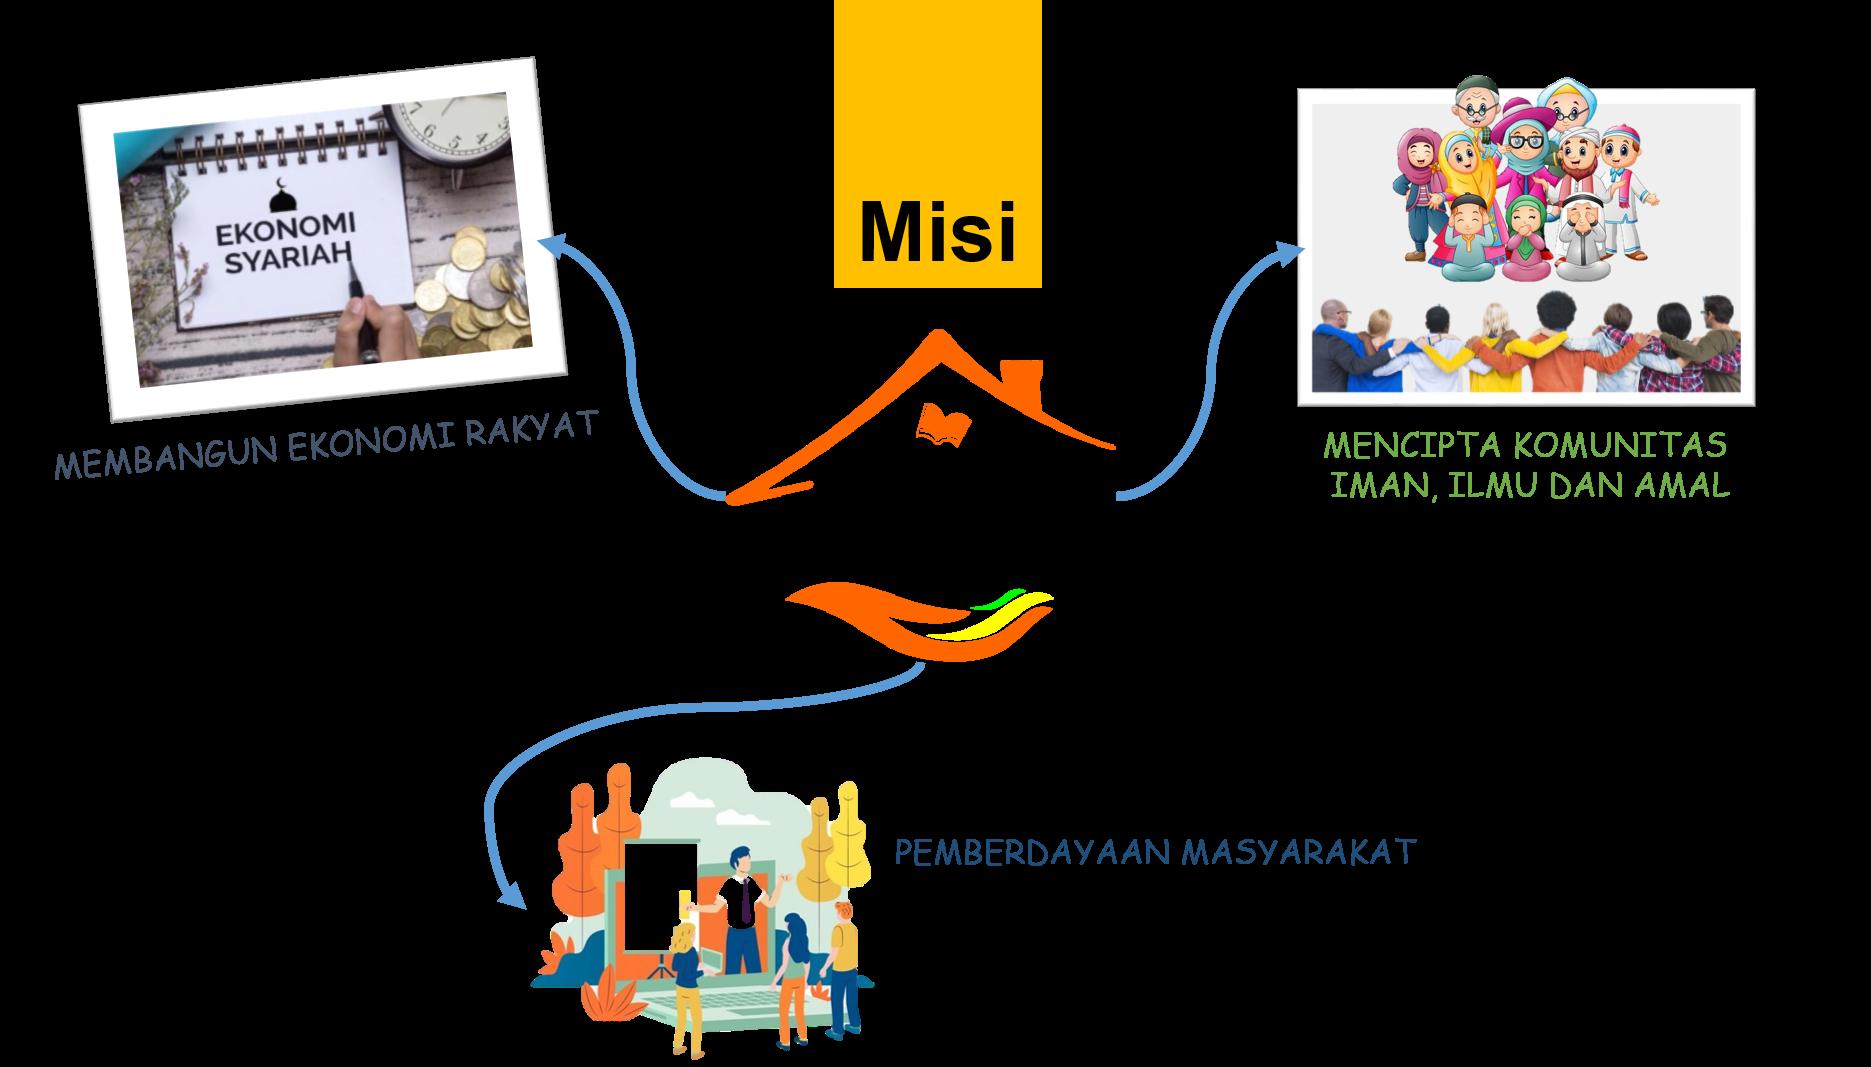 misi-ric